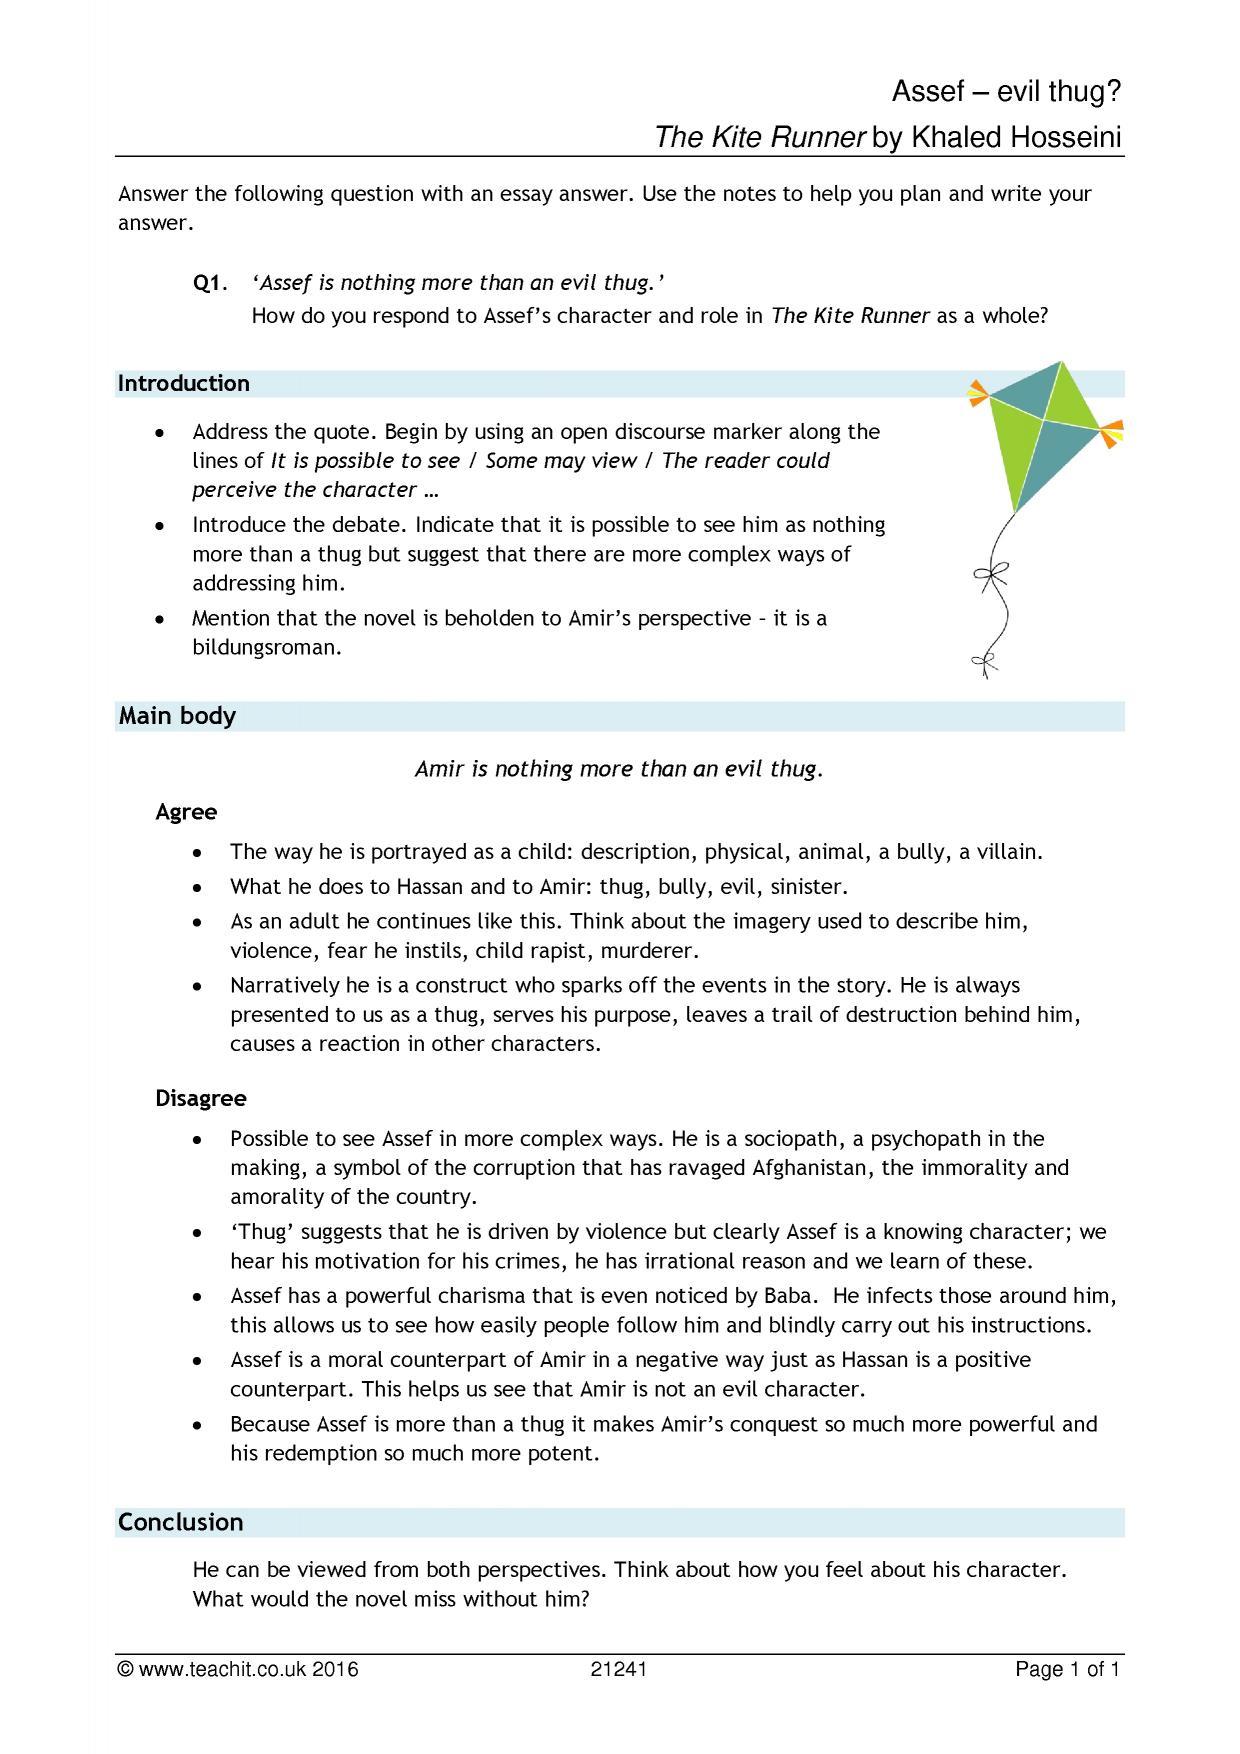 Kite Runner Essay